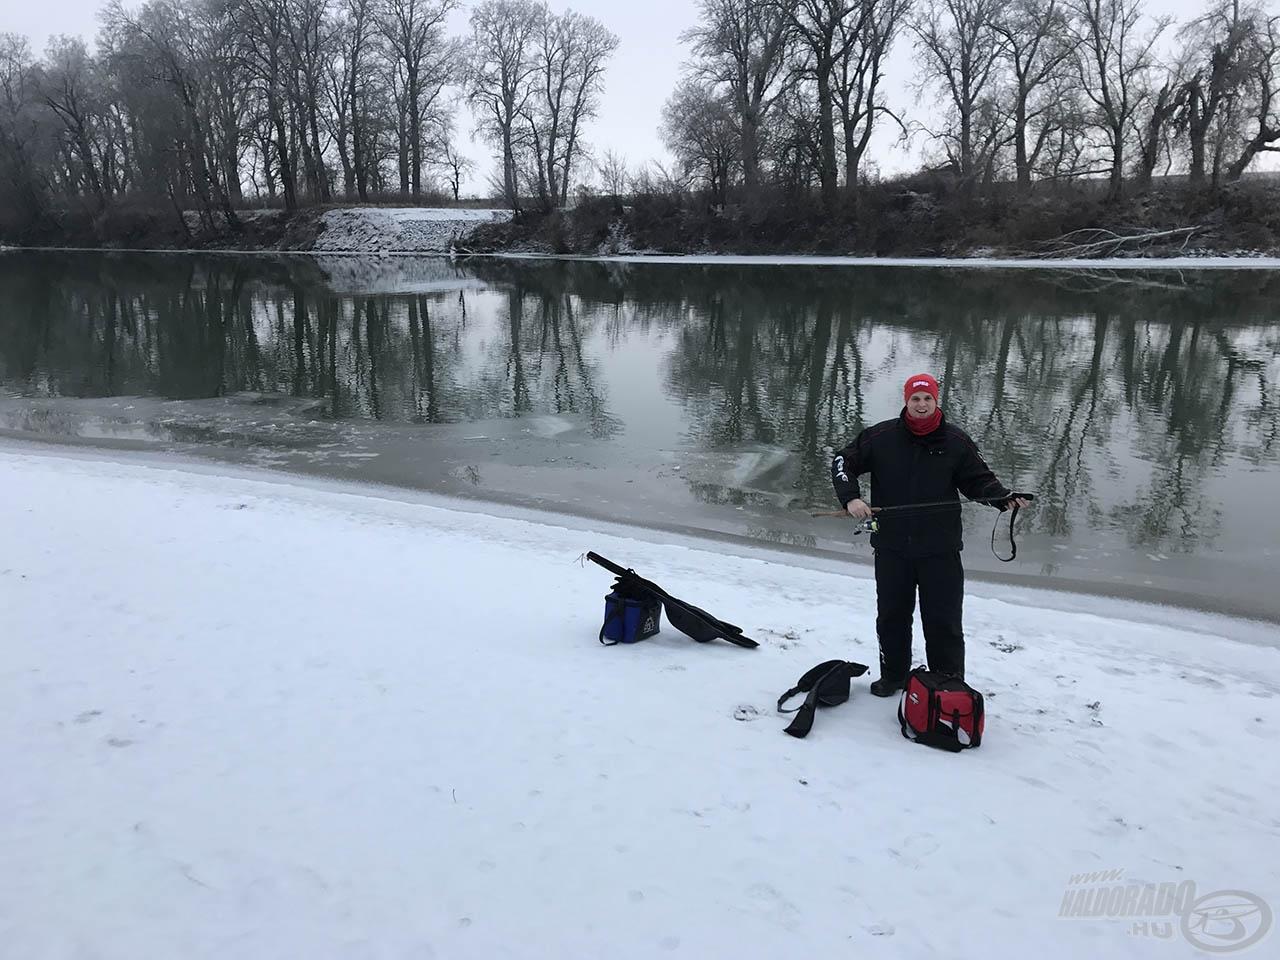 Bő 1 kilométer gyaloglás után szerencsénk volt, itt csak 1-2 méternyire nyúlt be a jég